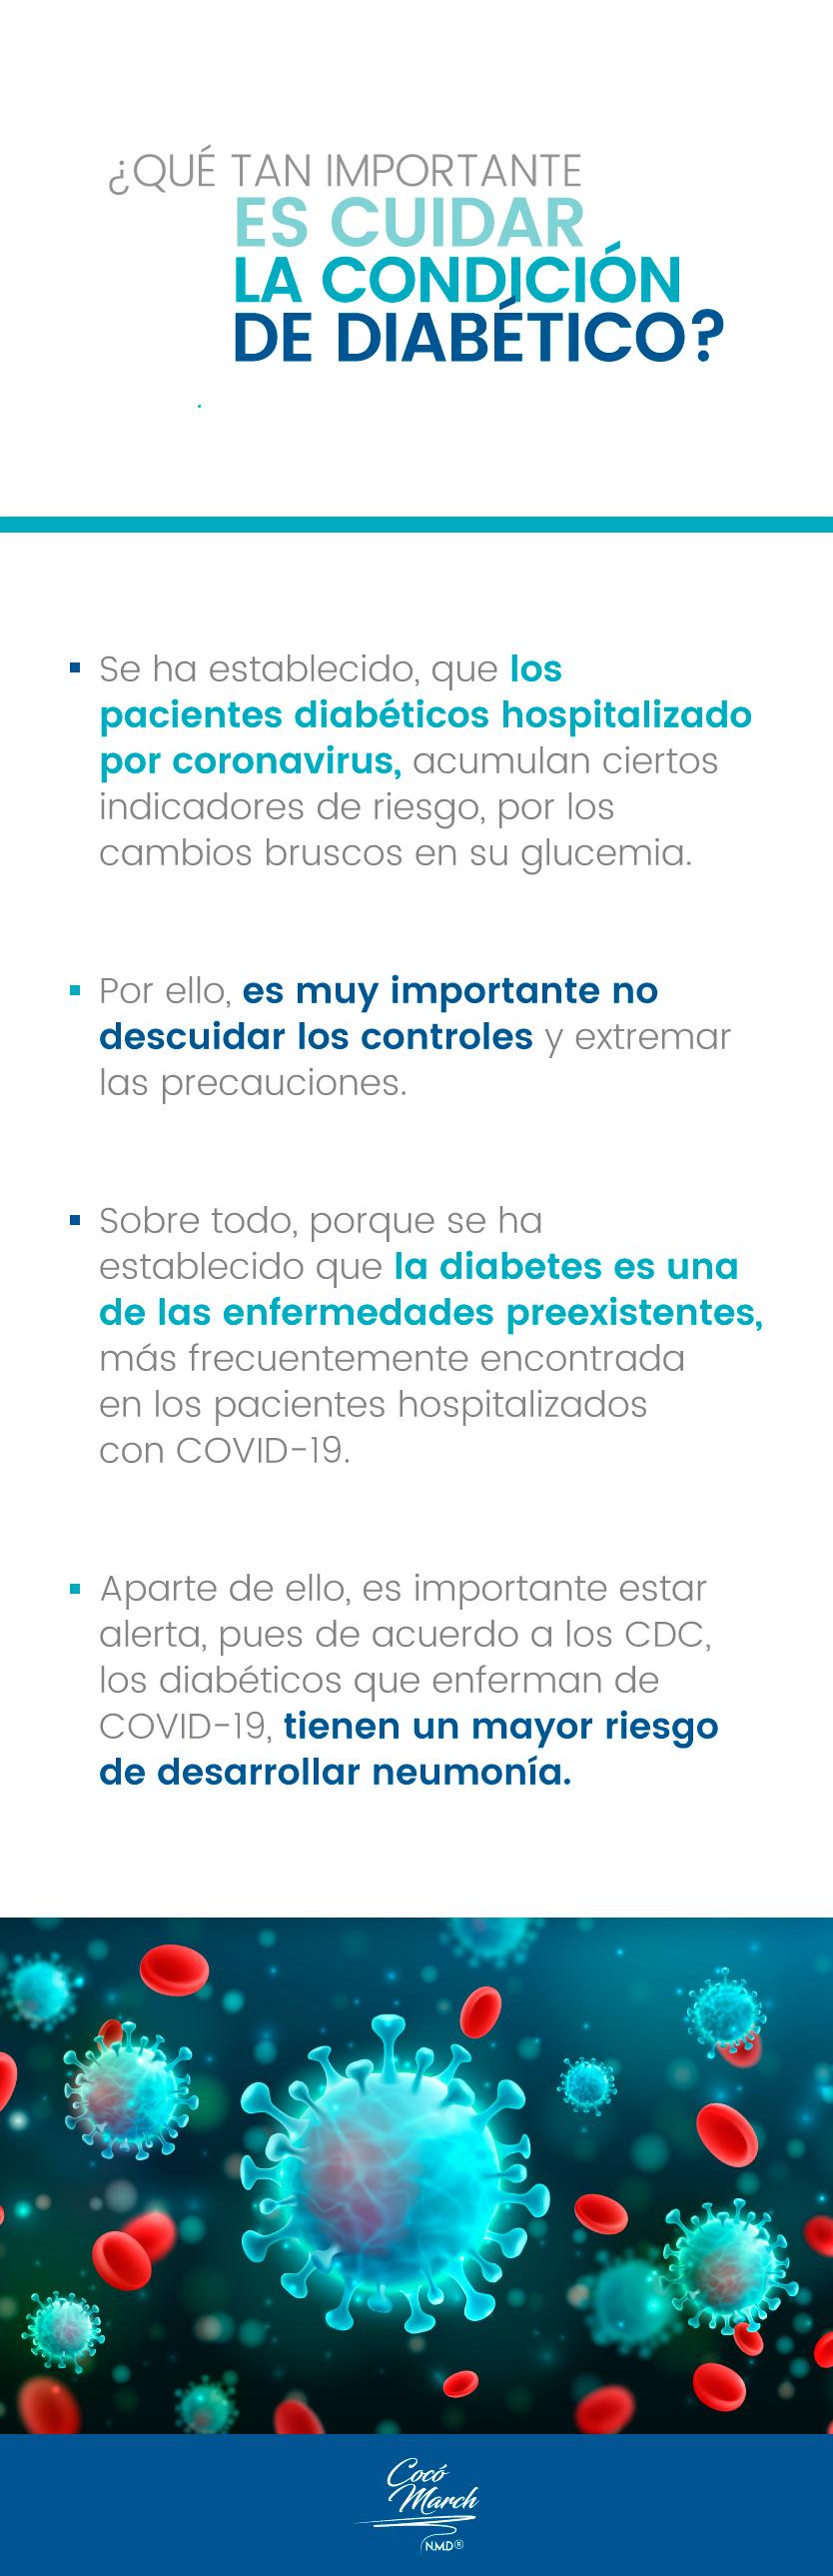 importancia-del-cuidado-de-diabeticos